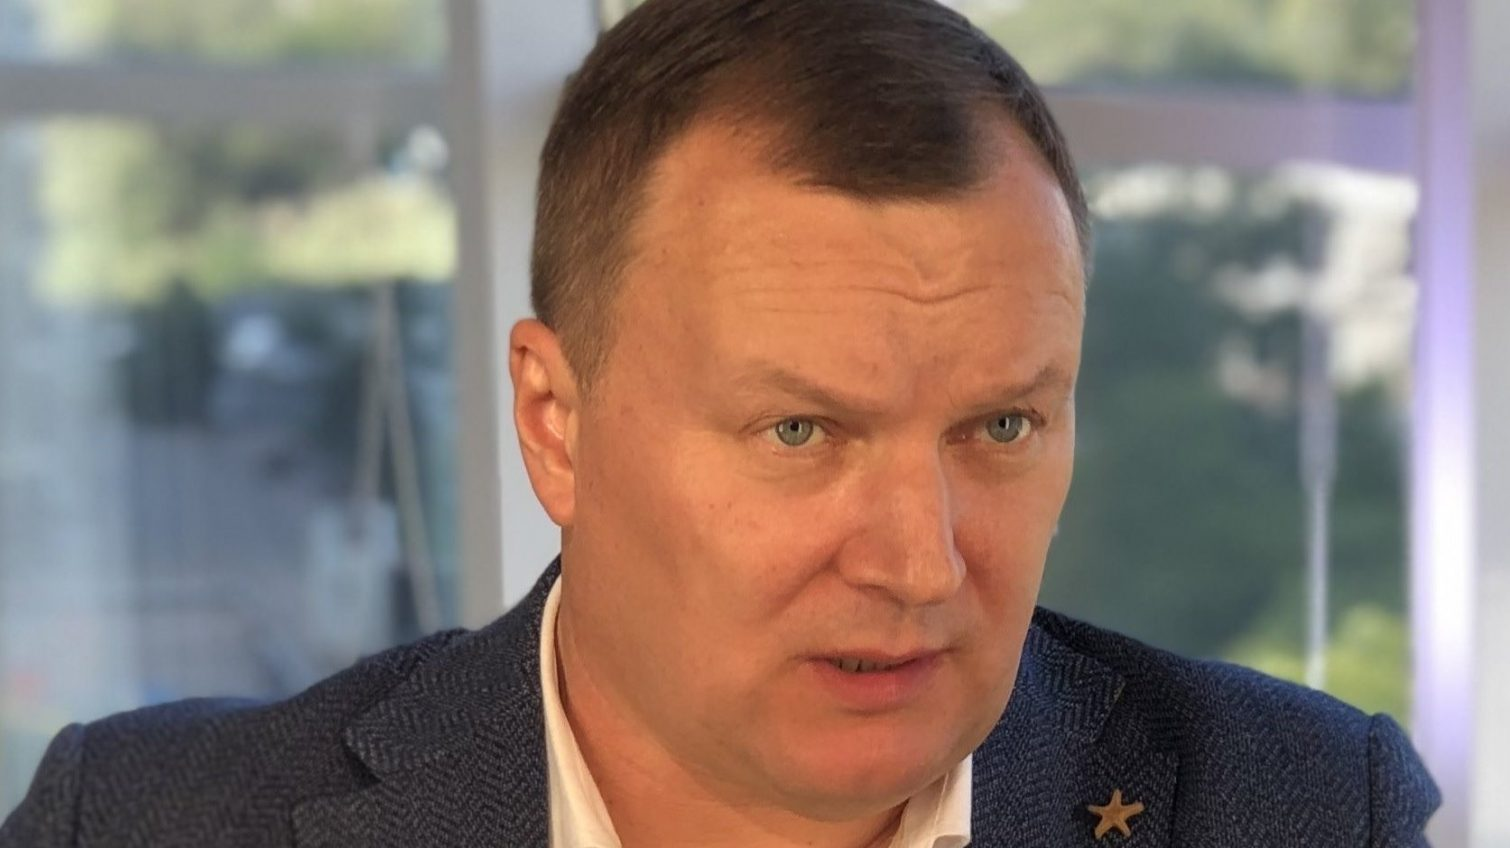 Регистрацию Труханова на участие в мэрских выборах намерены отменить через суд (видео) «фото»